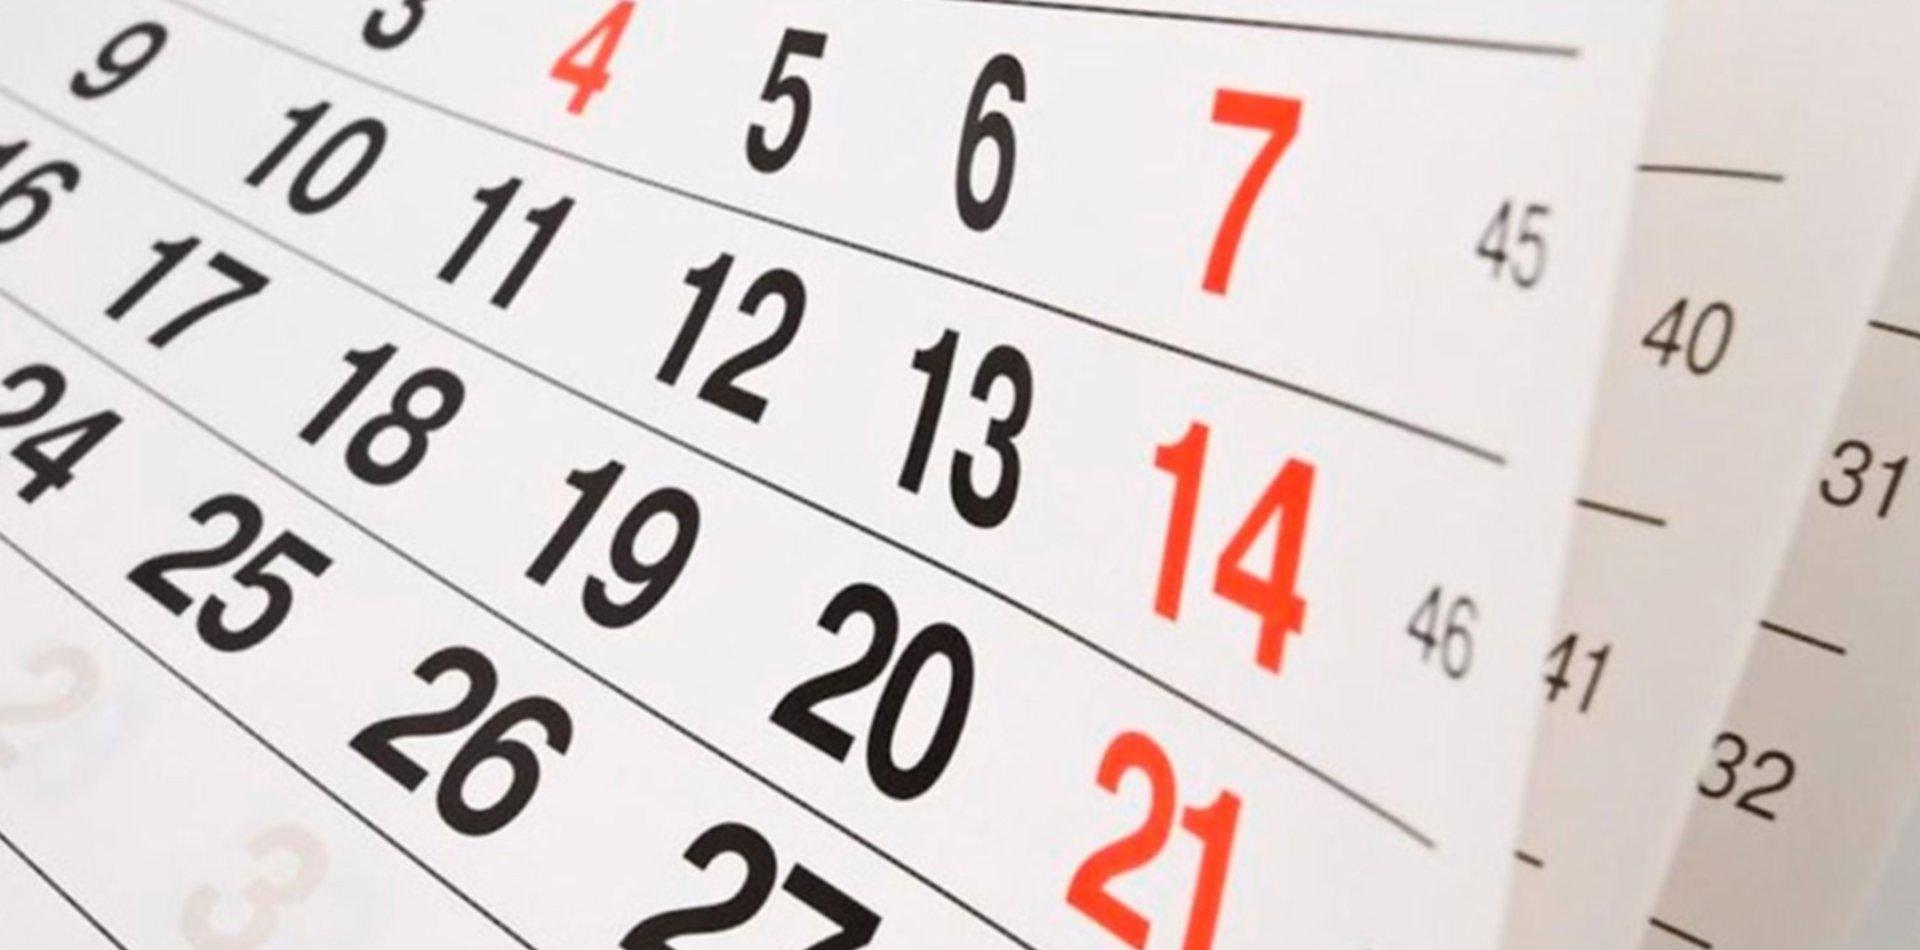 ¿Qué pasa este Jueves Santo, es o no feriado?